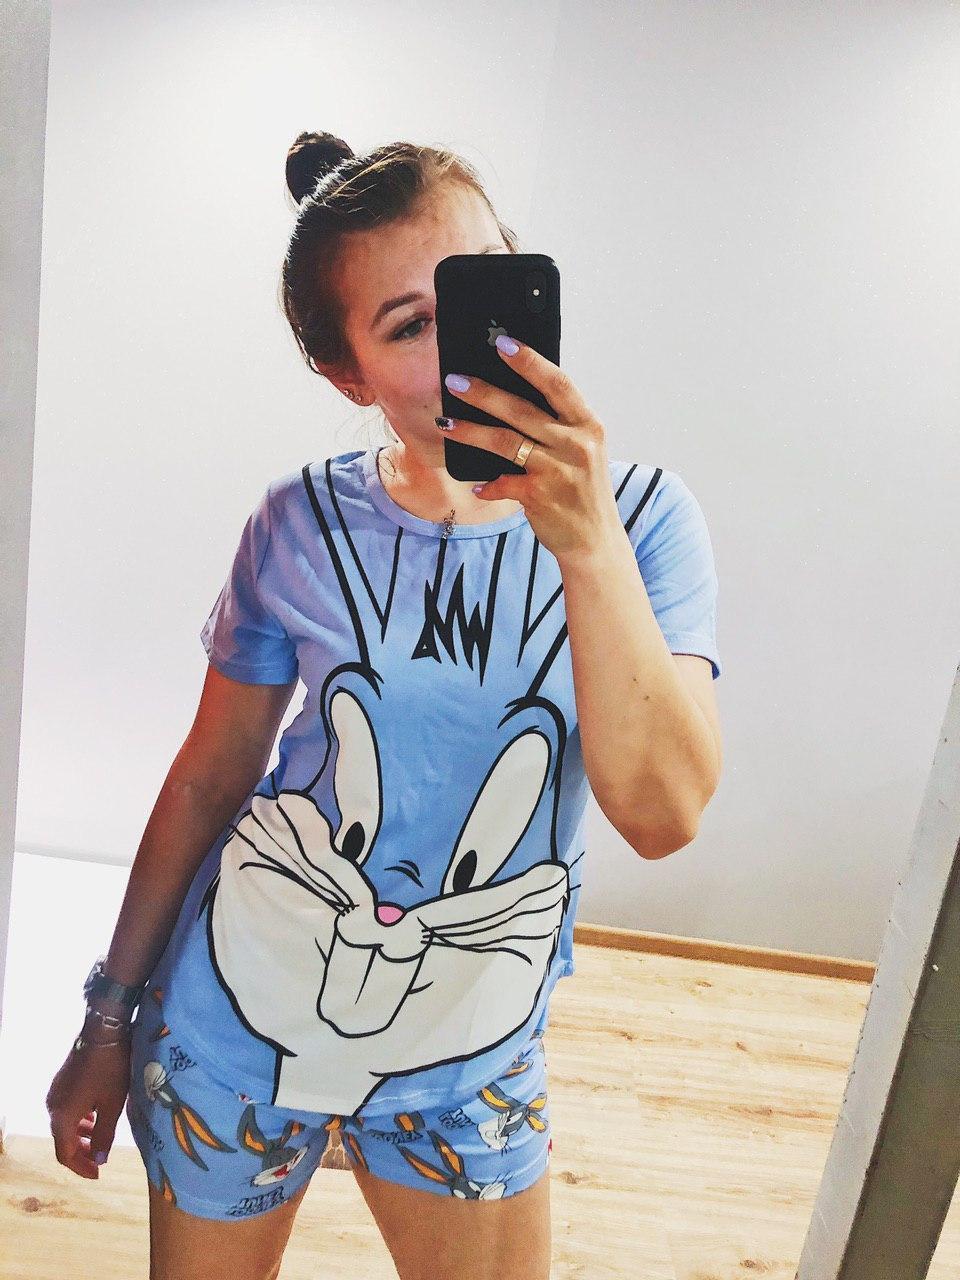 Піжама Трикотажна Футболка і шорти Кролик Бакс Банні Блакитного кольору